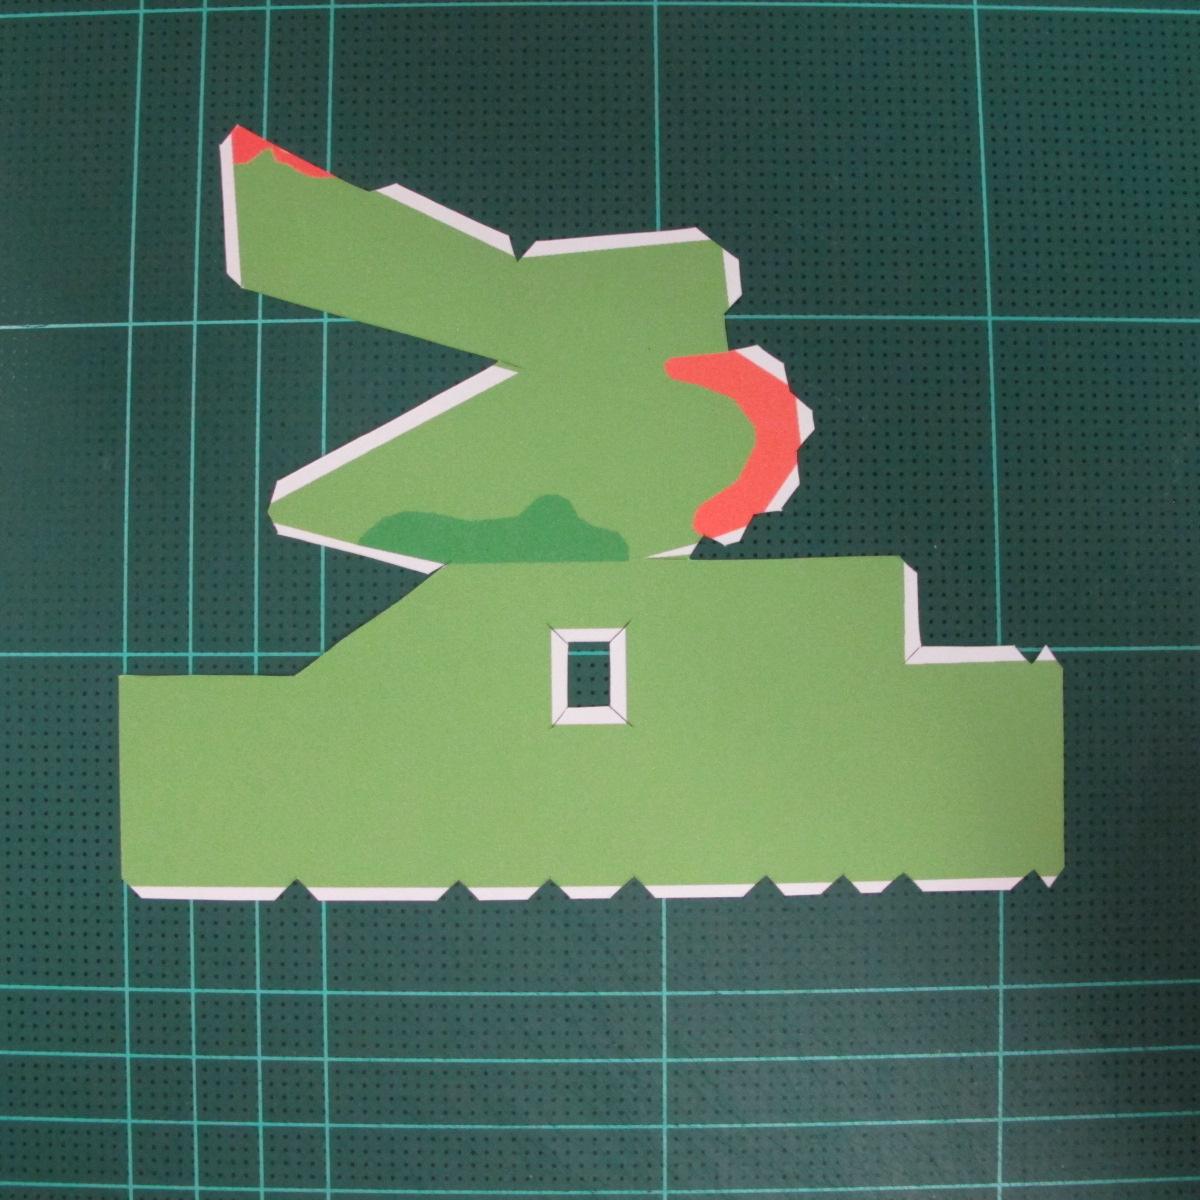 วิธีทำโมเดลกระดาษตุ้กตา คุกกี้ รัน คุกกี้รสซอมบี้ (LINE Cookie Run Zombie Cookie Papercraft Model) 004